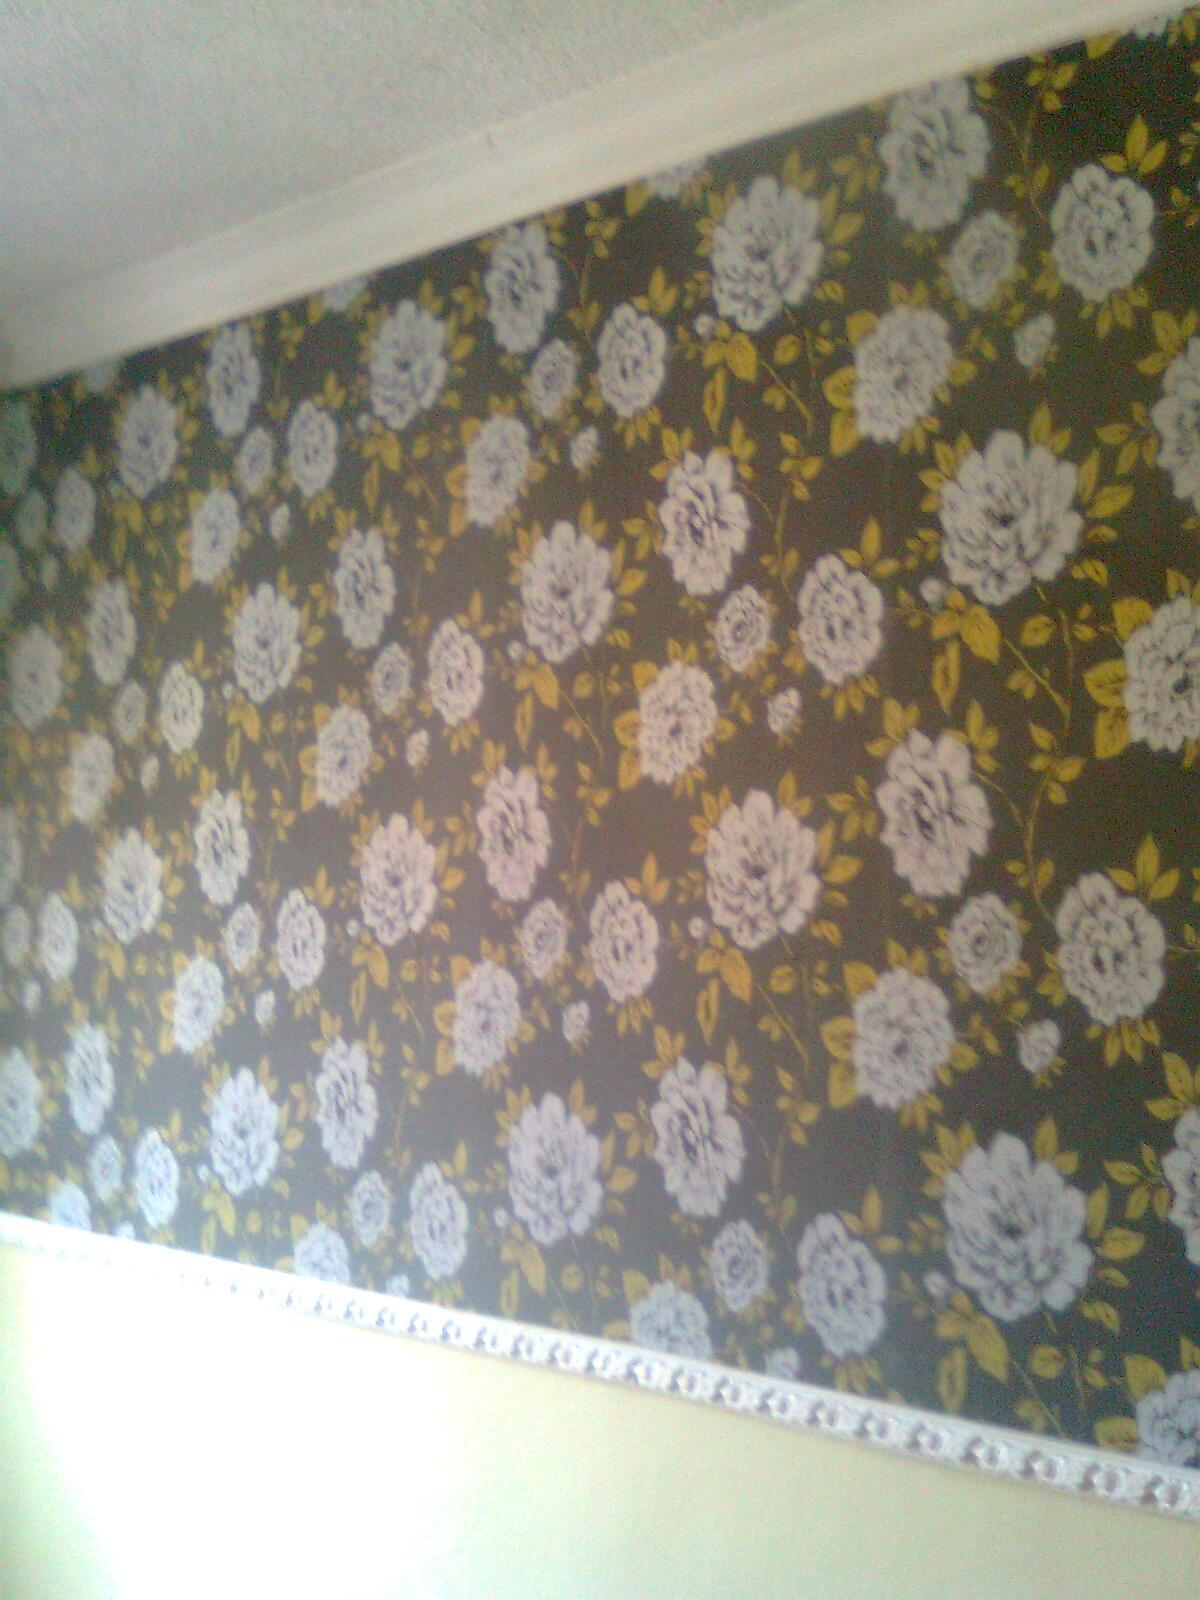 Pintura y decoraci n madrid papel pintado en dormitorio for Papel pintado madrid